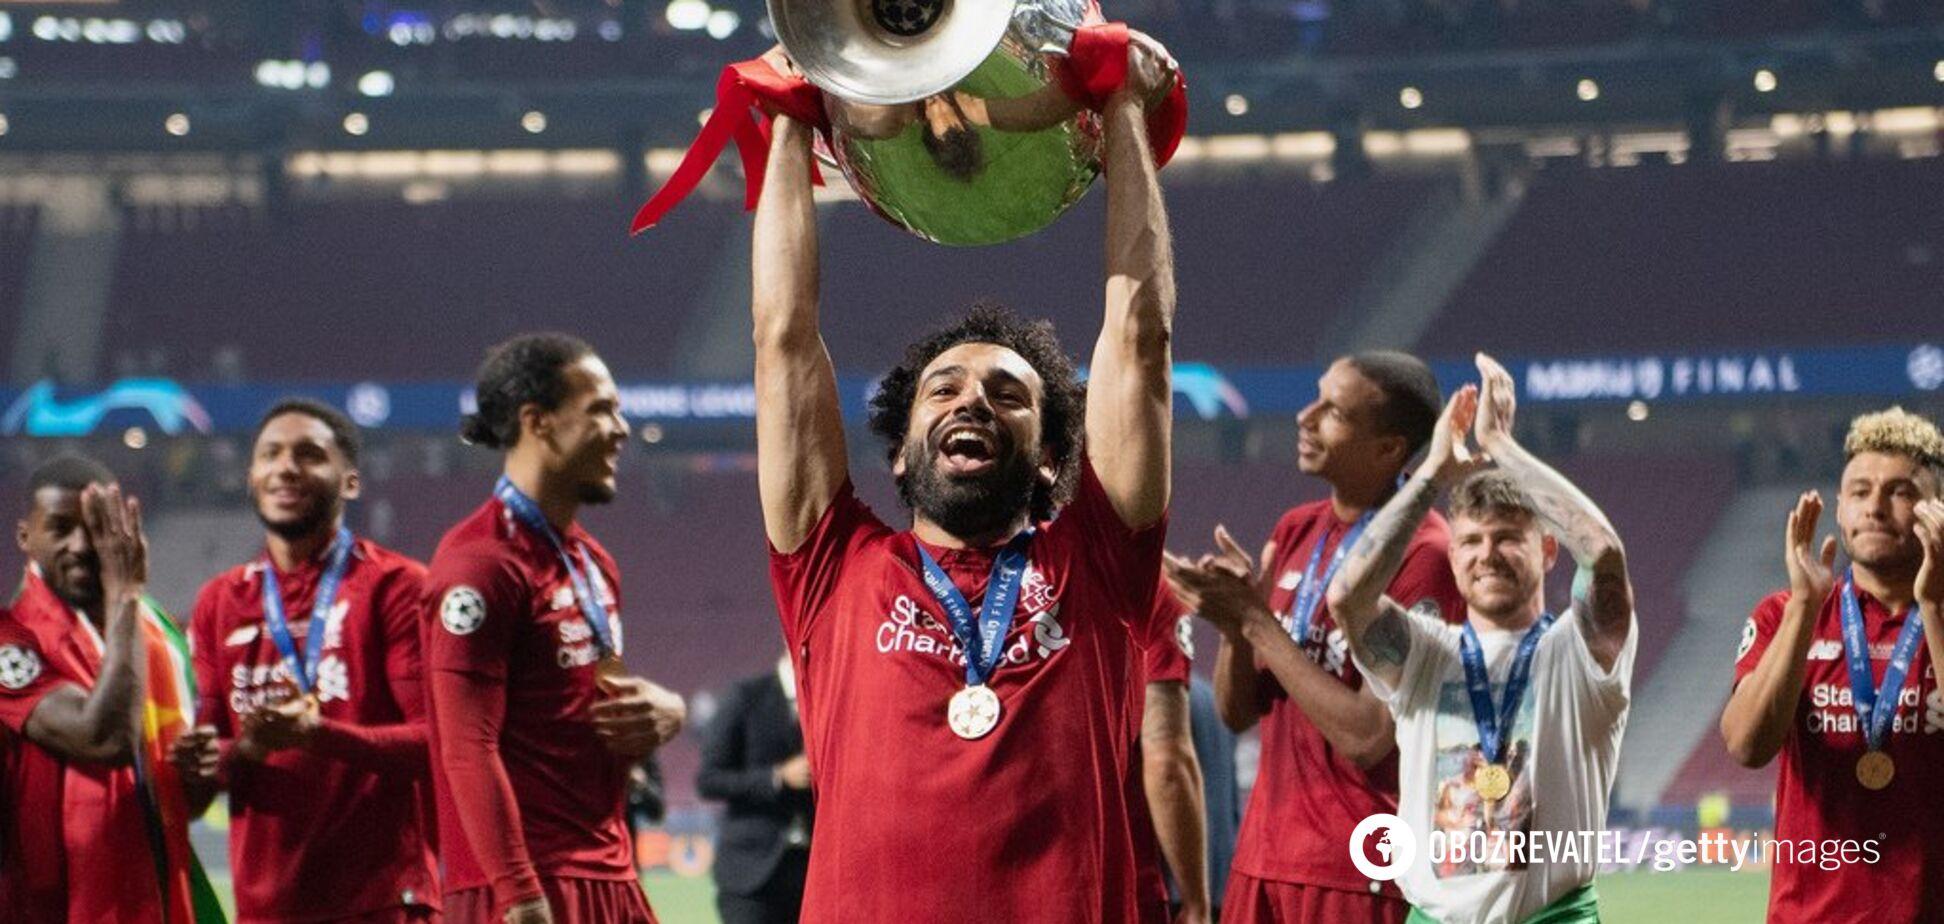 'Ливерпуль' показал, что творилось в раздевалке после победы в финале Лиги чемпионов